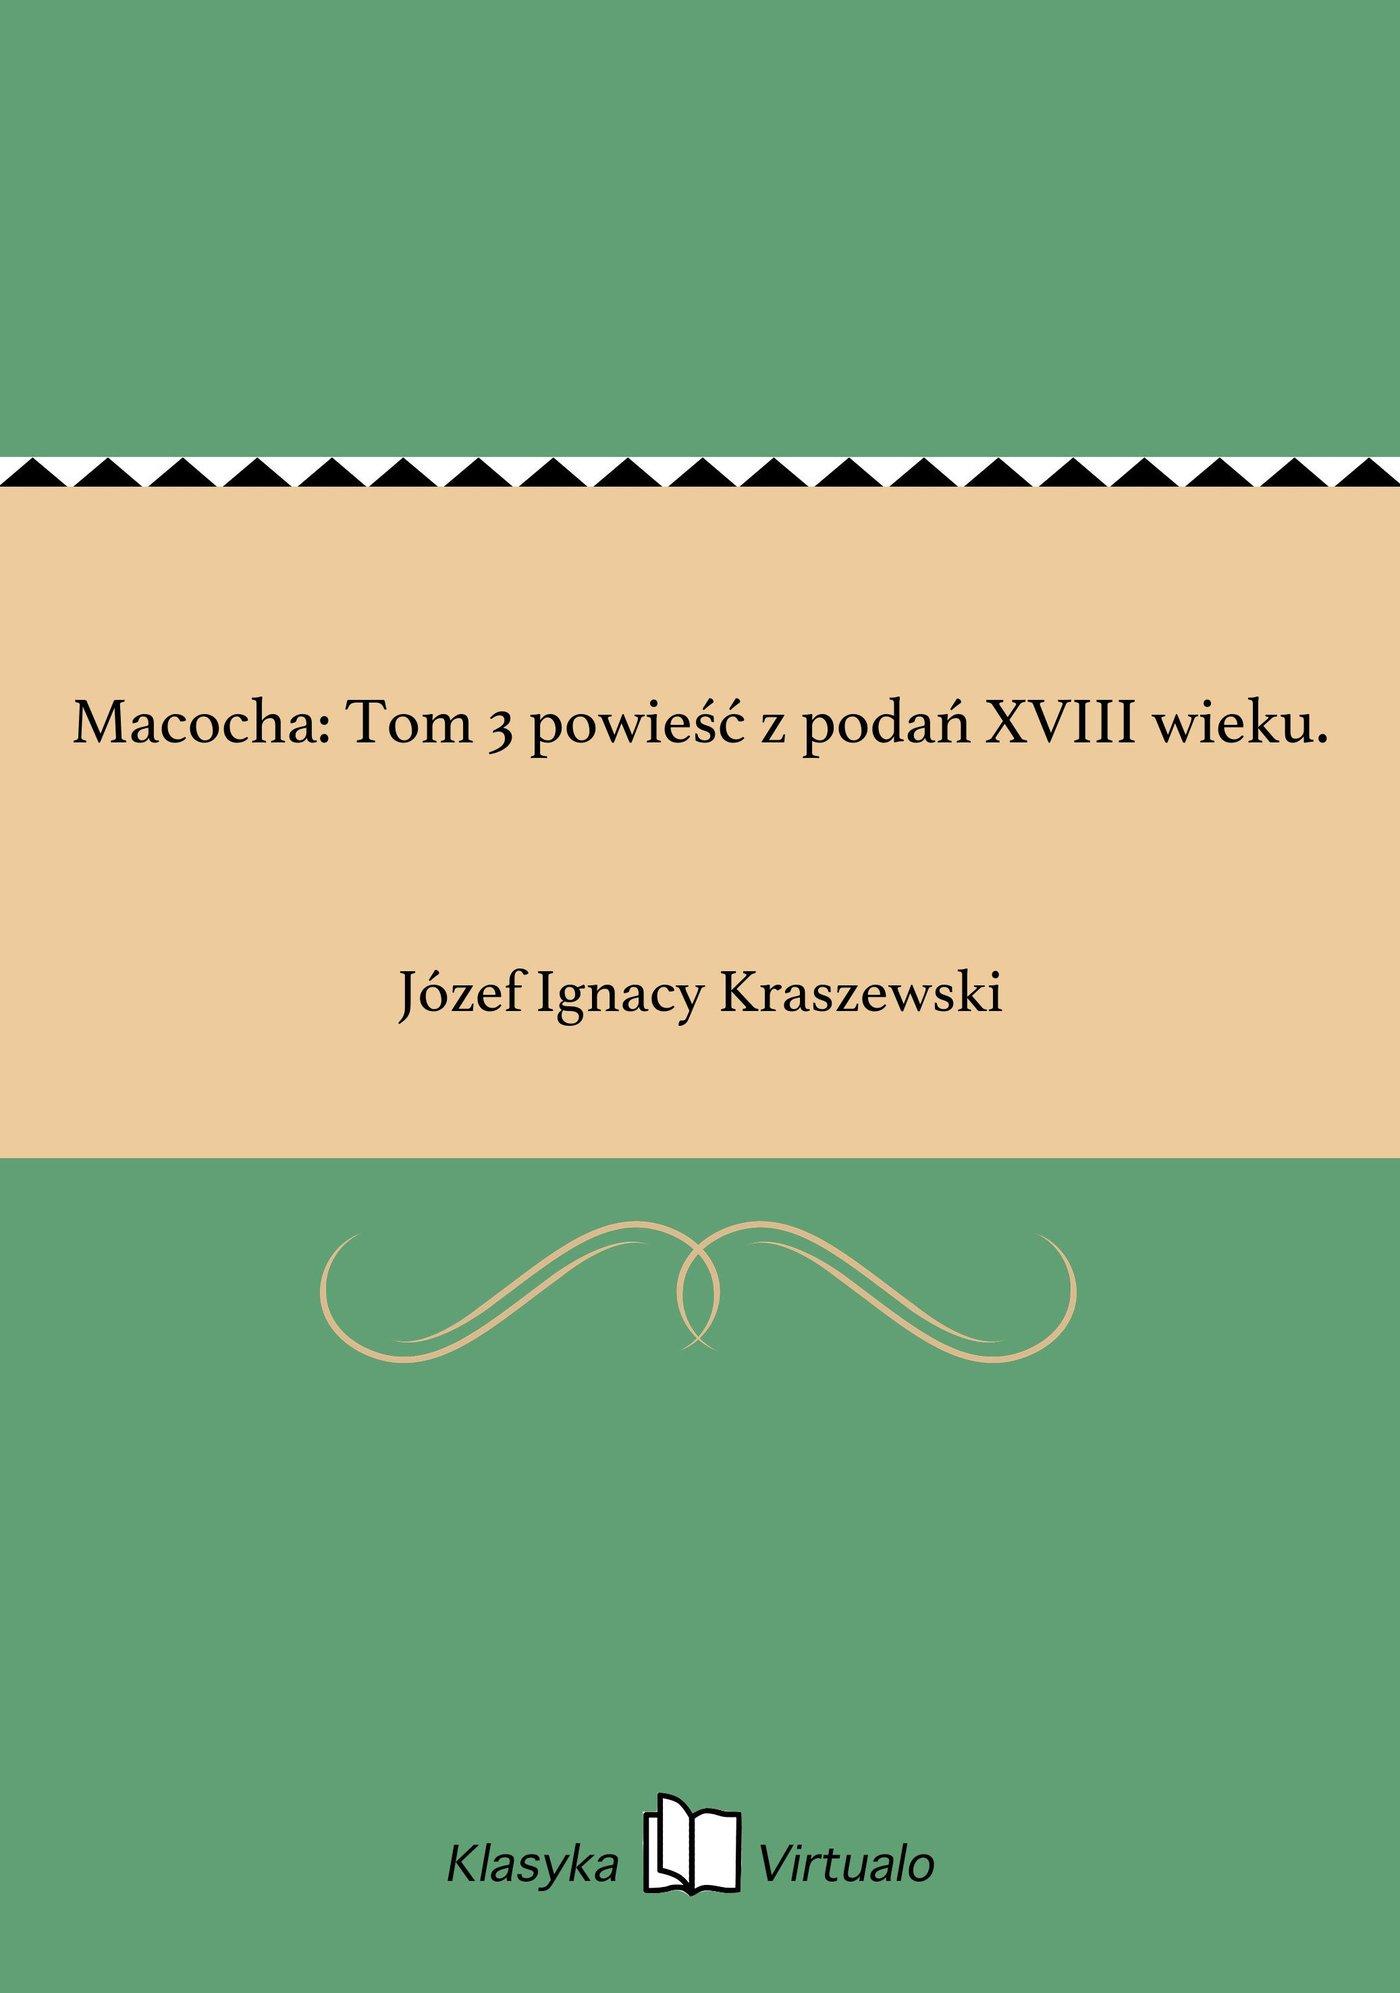 Macocha: Tom 3 powieść z podań XVIII wieku. - Ebook (Książka EPUB) do pobrania w formacie EPUB